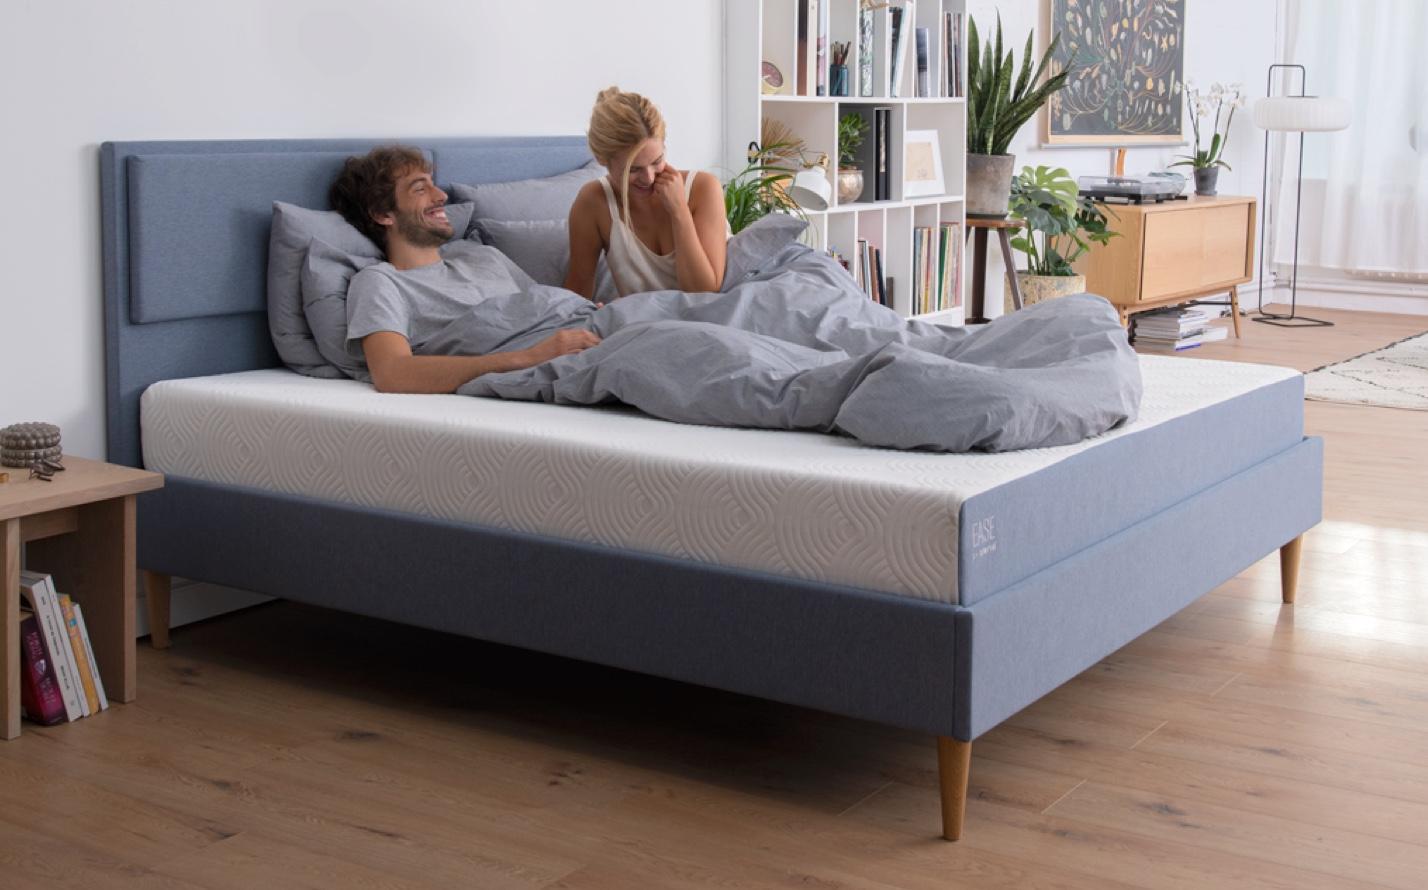 para rozmawia siedząc na łóżku pod pościelą na materacu EASE BY TEMPUR